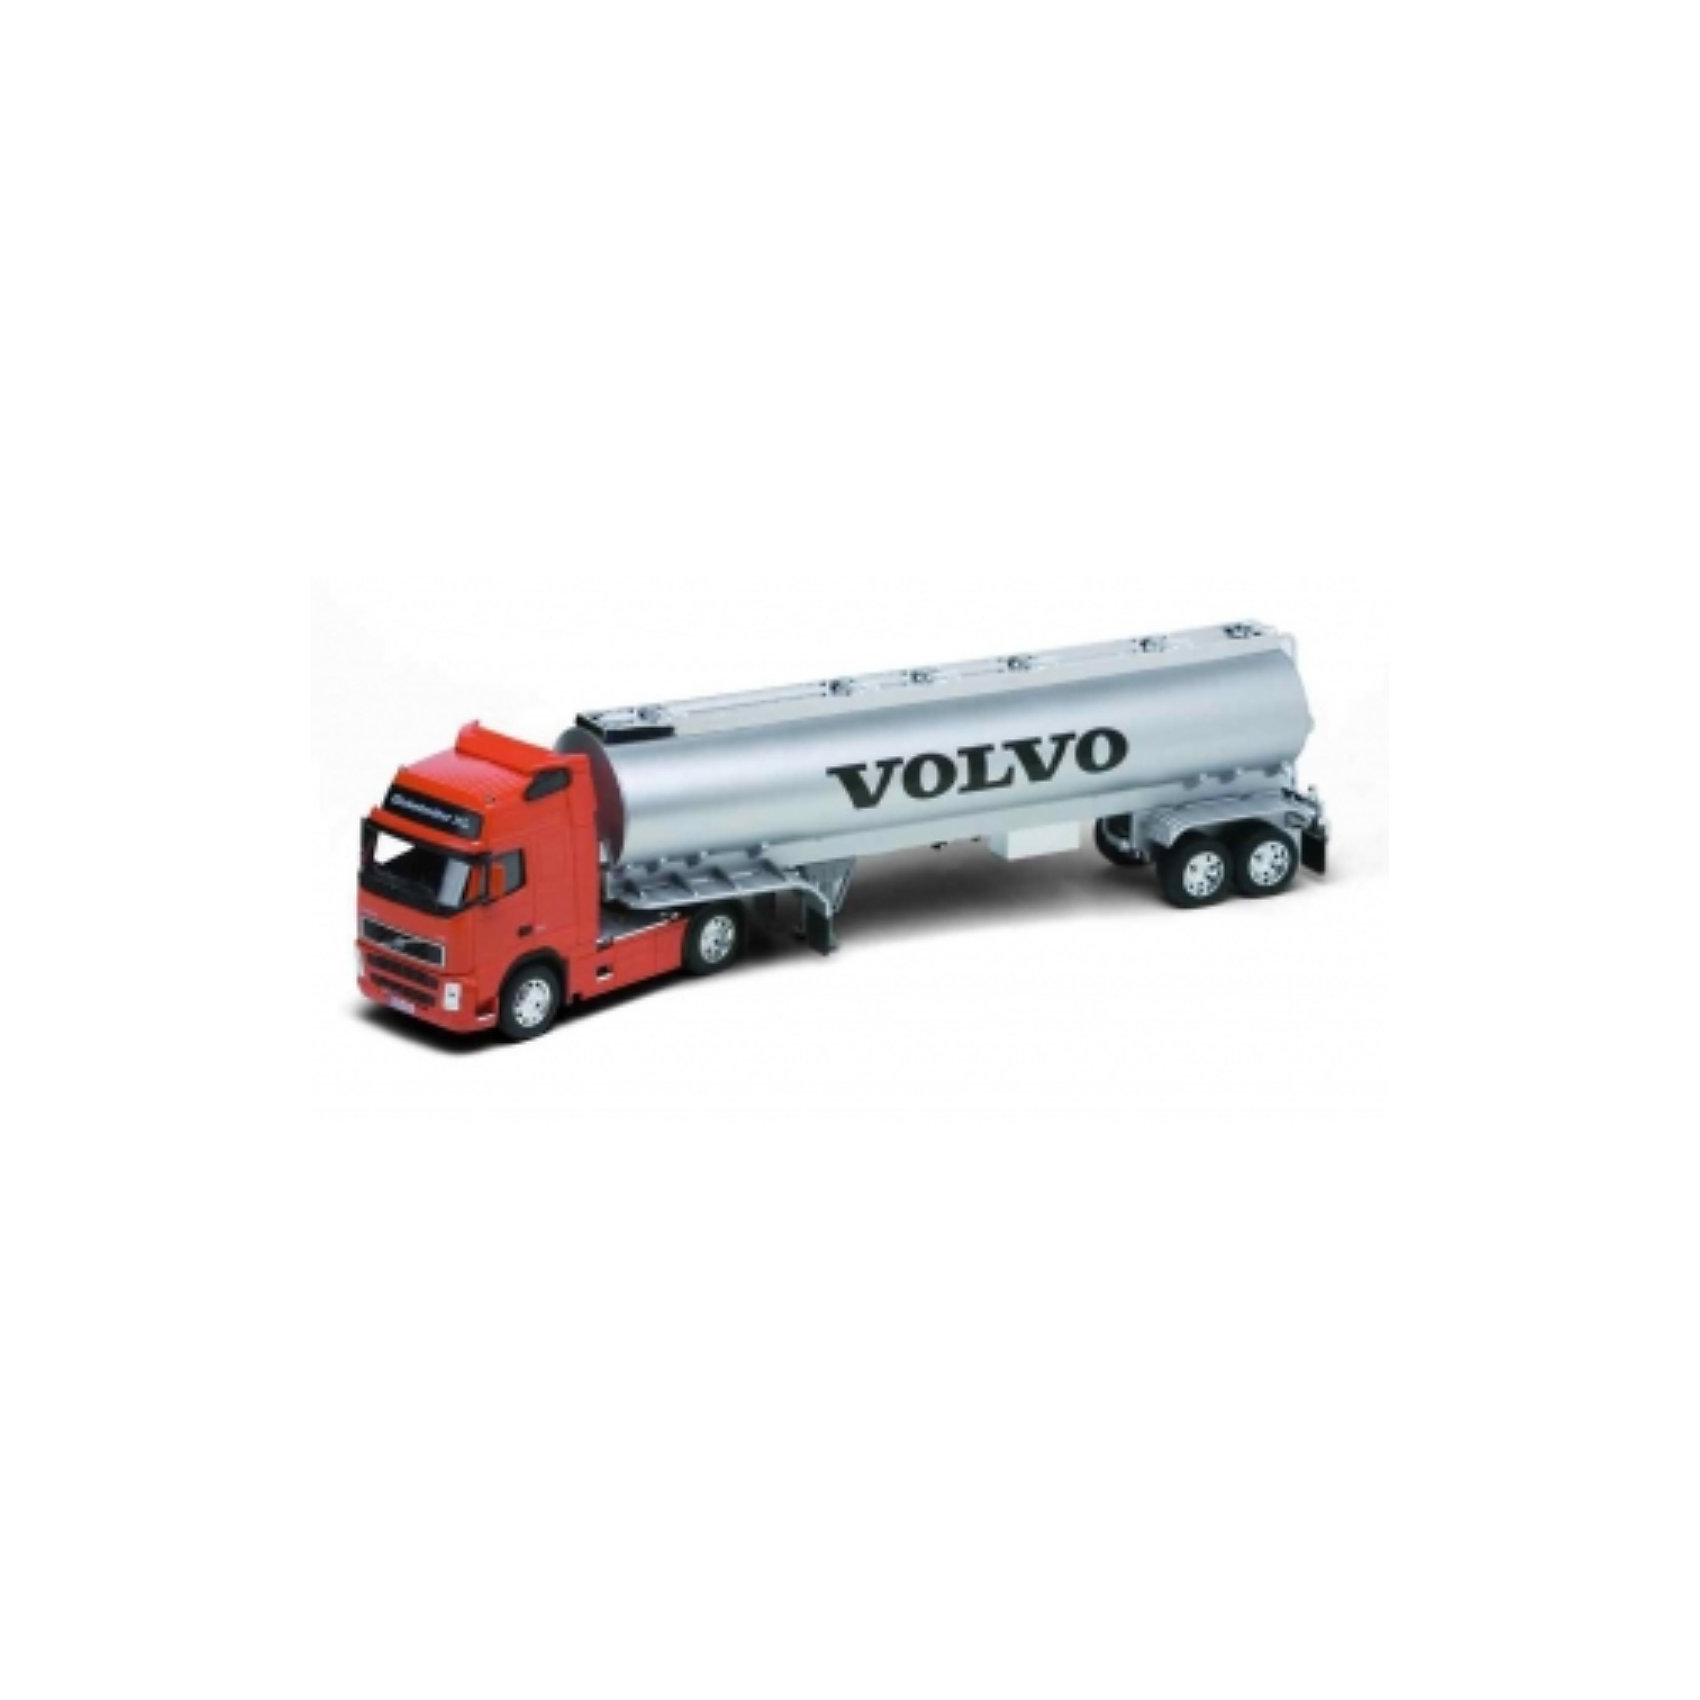 Модель грузовика 1:32 Volvo FH12 (цистерна), Welly